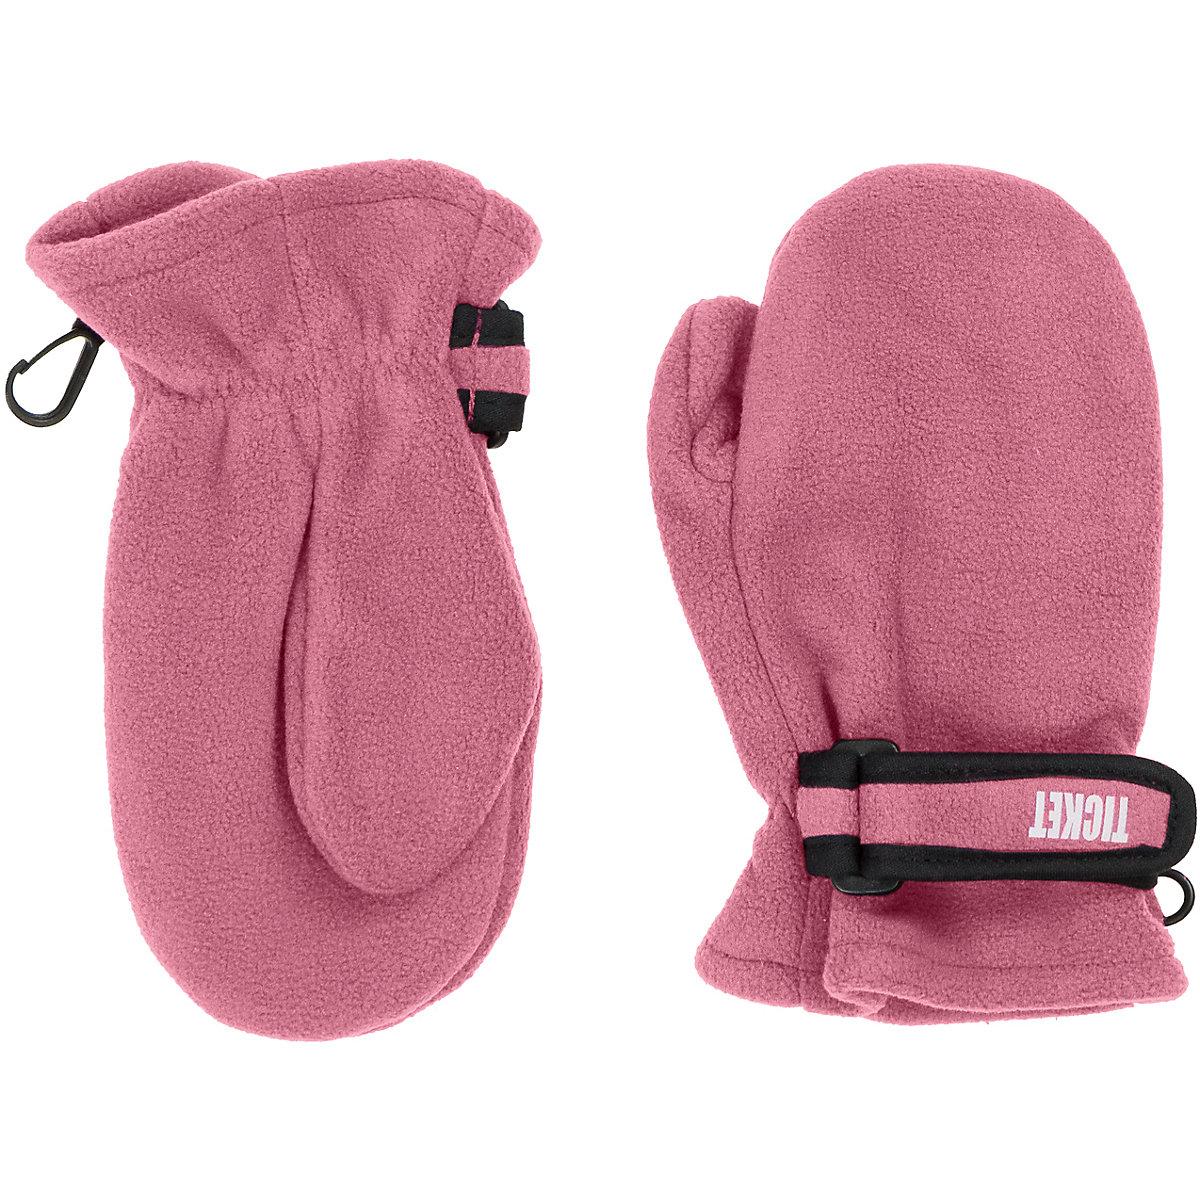 Ticket To Heaven Gloves & Mittens 8882655 Glove Mitten Winter Clothes For Children Girls Boys Girl Boy